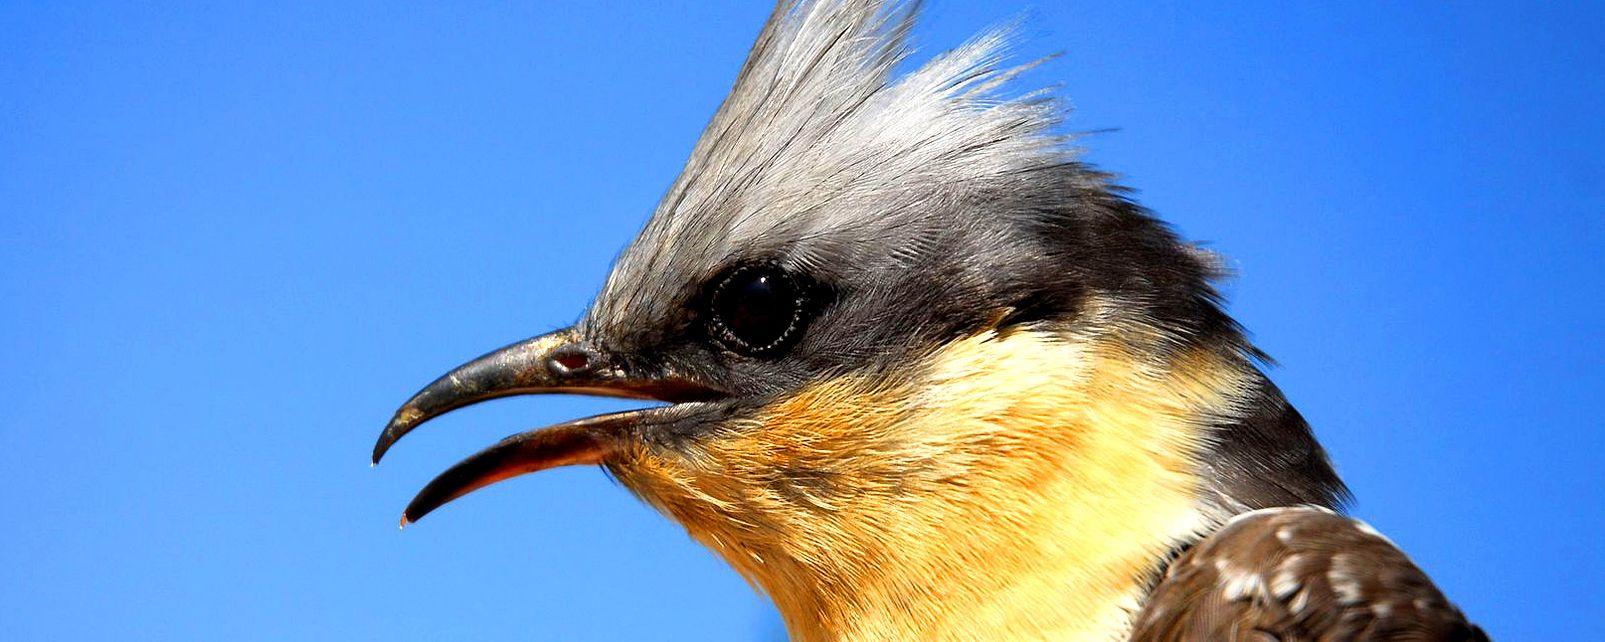 La faune et la flore, Oiseau Geai ciel bleu calanque Marseille faune France Europe